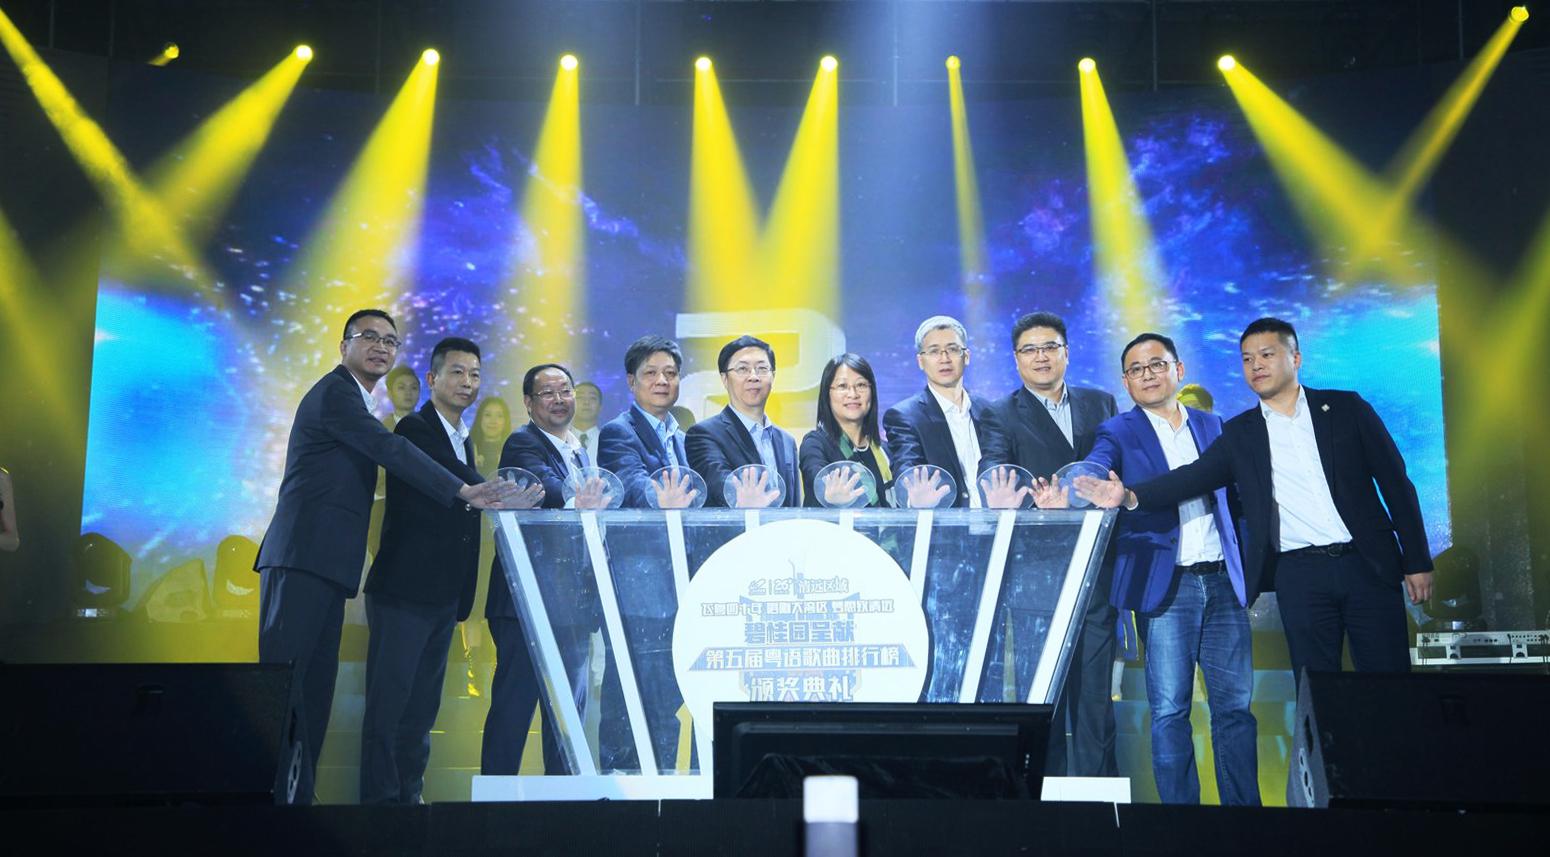 第五届粤语歌曲排行榜颁奖典礼举行 同庆粤语歌坛光辉四十年